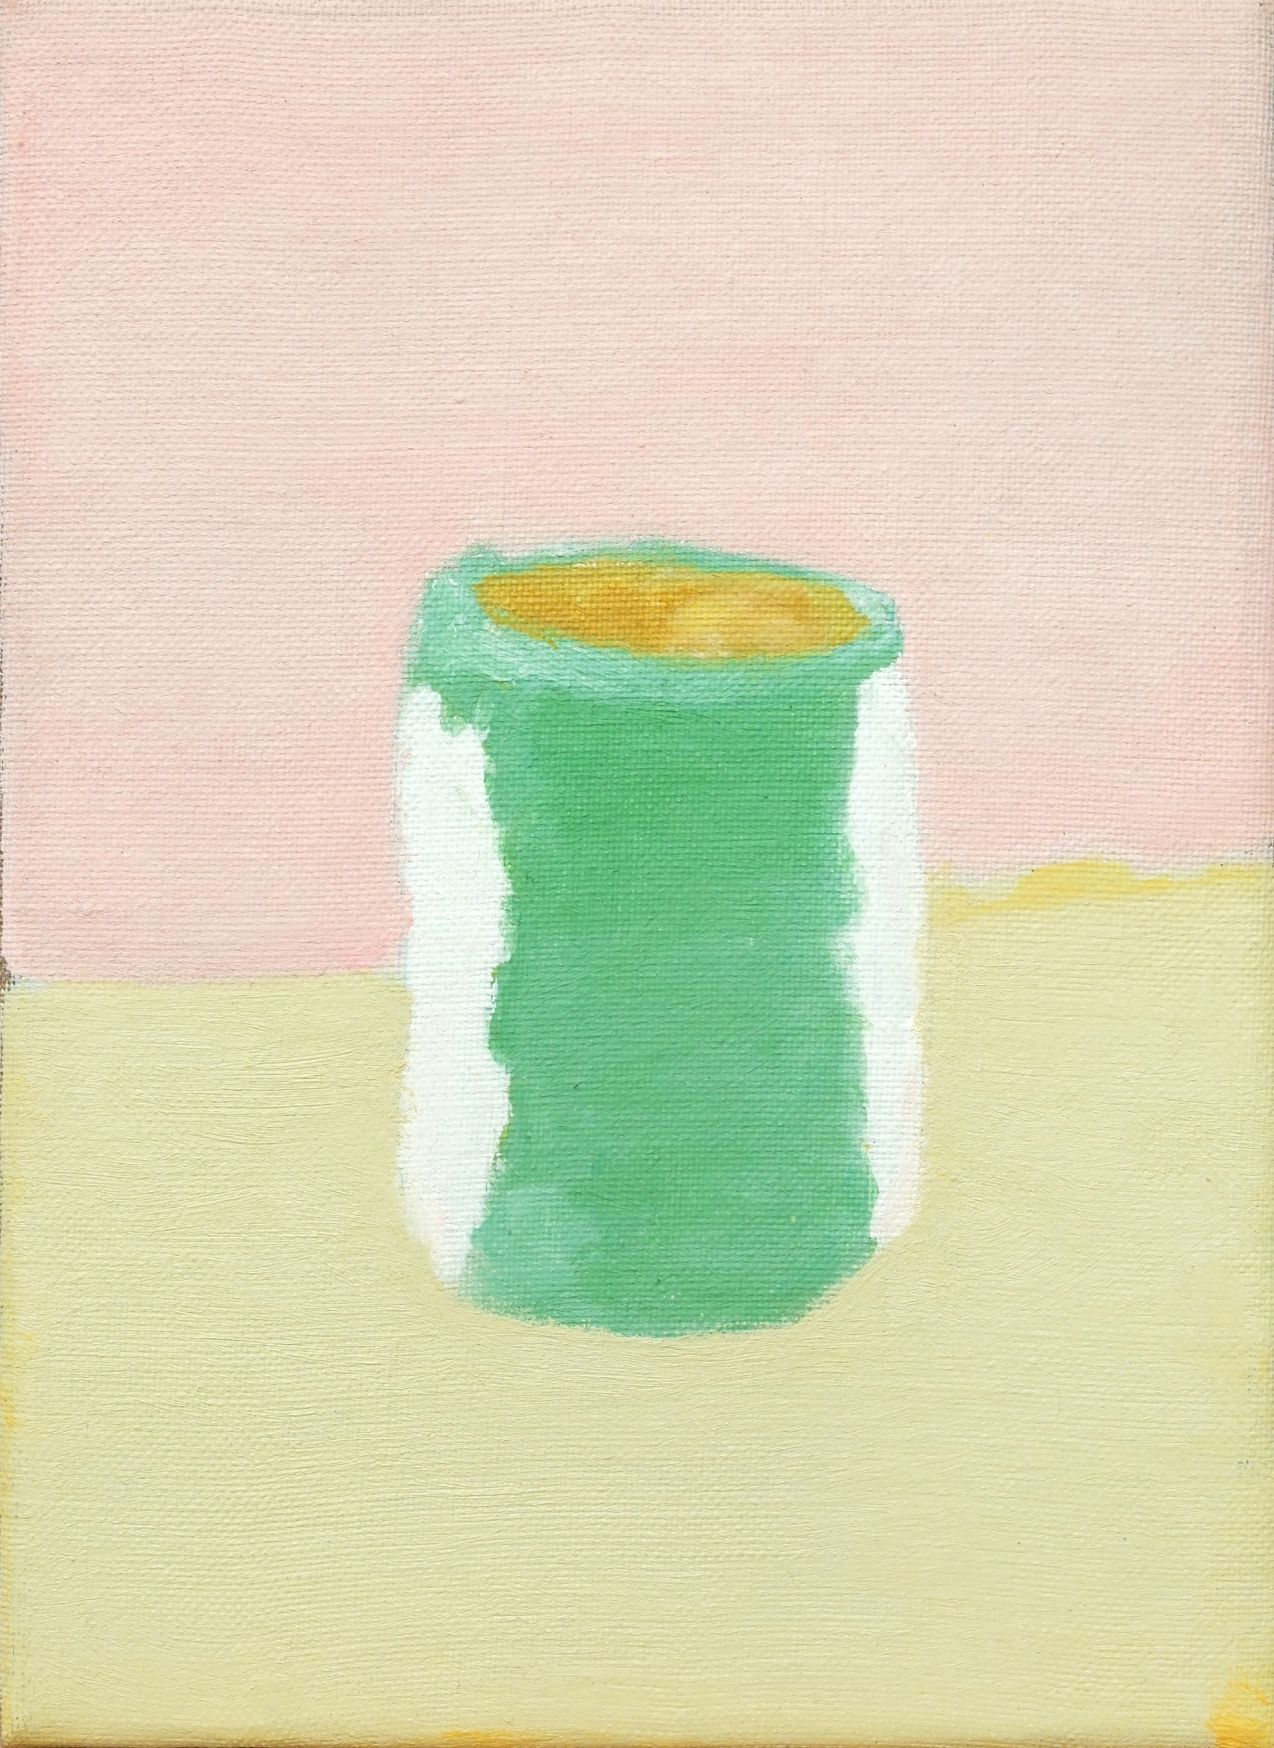 Pot (2019) - José Angel Sintes